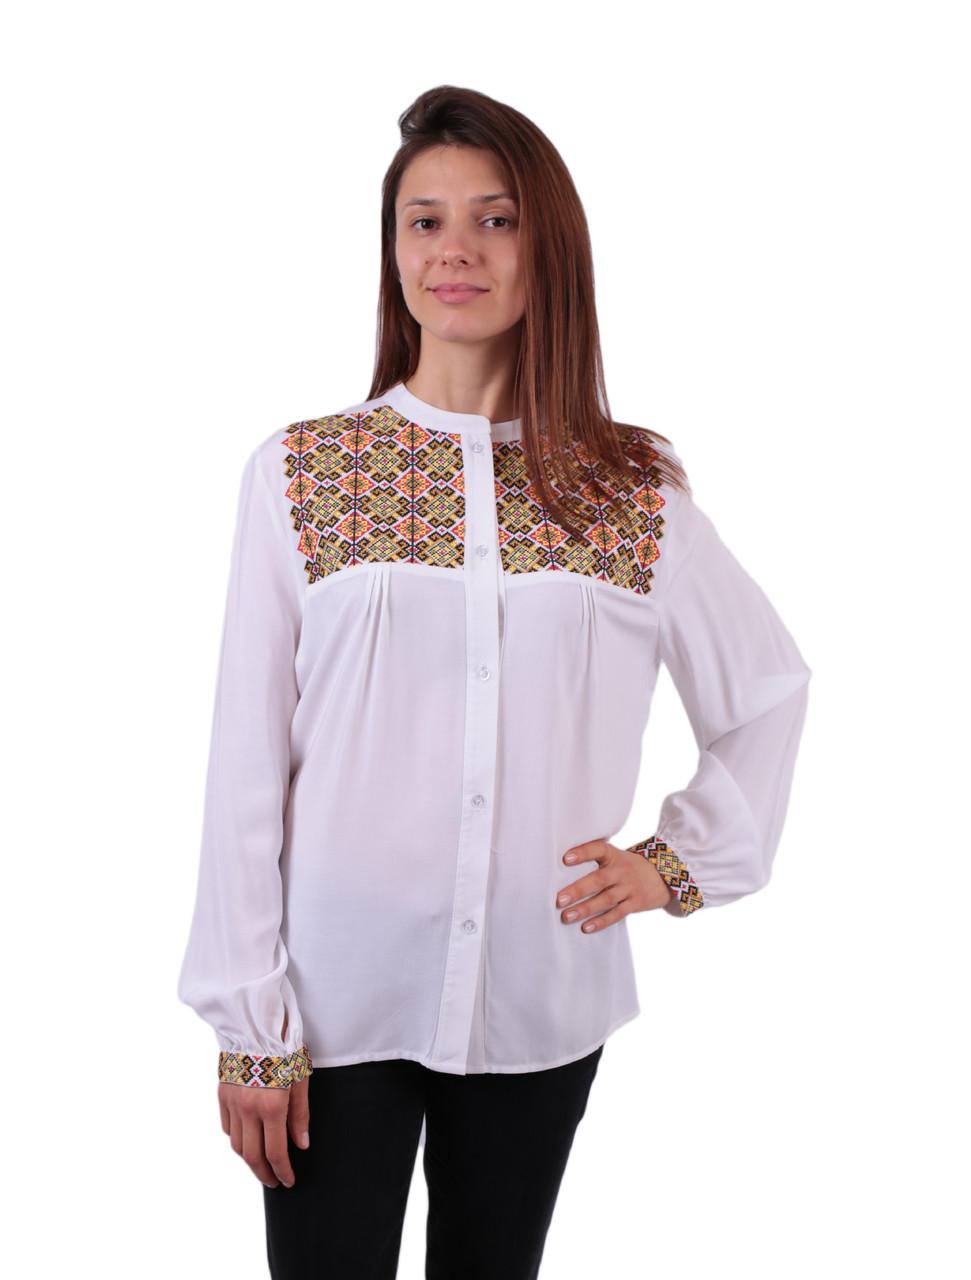 Жіноча вишита сорочка/блузка з машинною вишивкою на штапелі